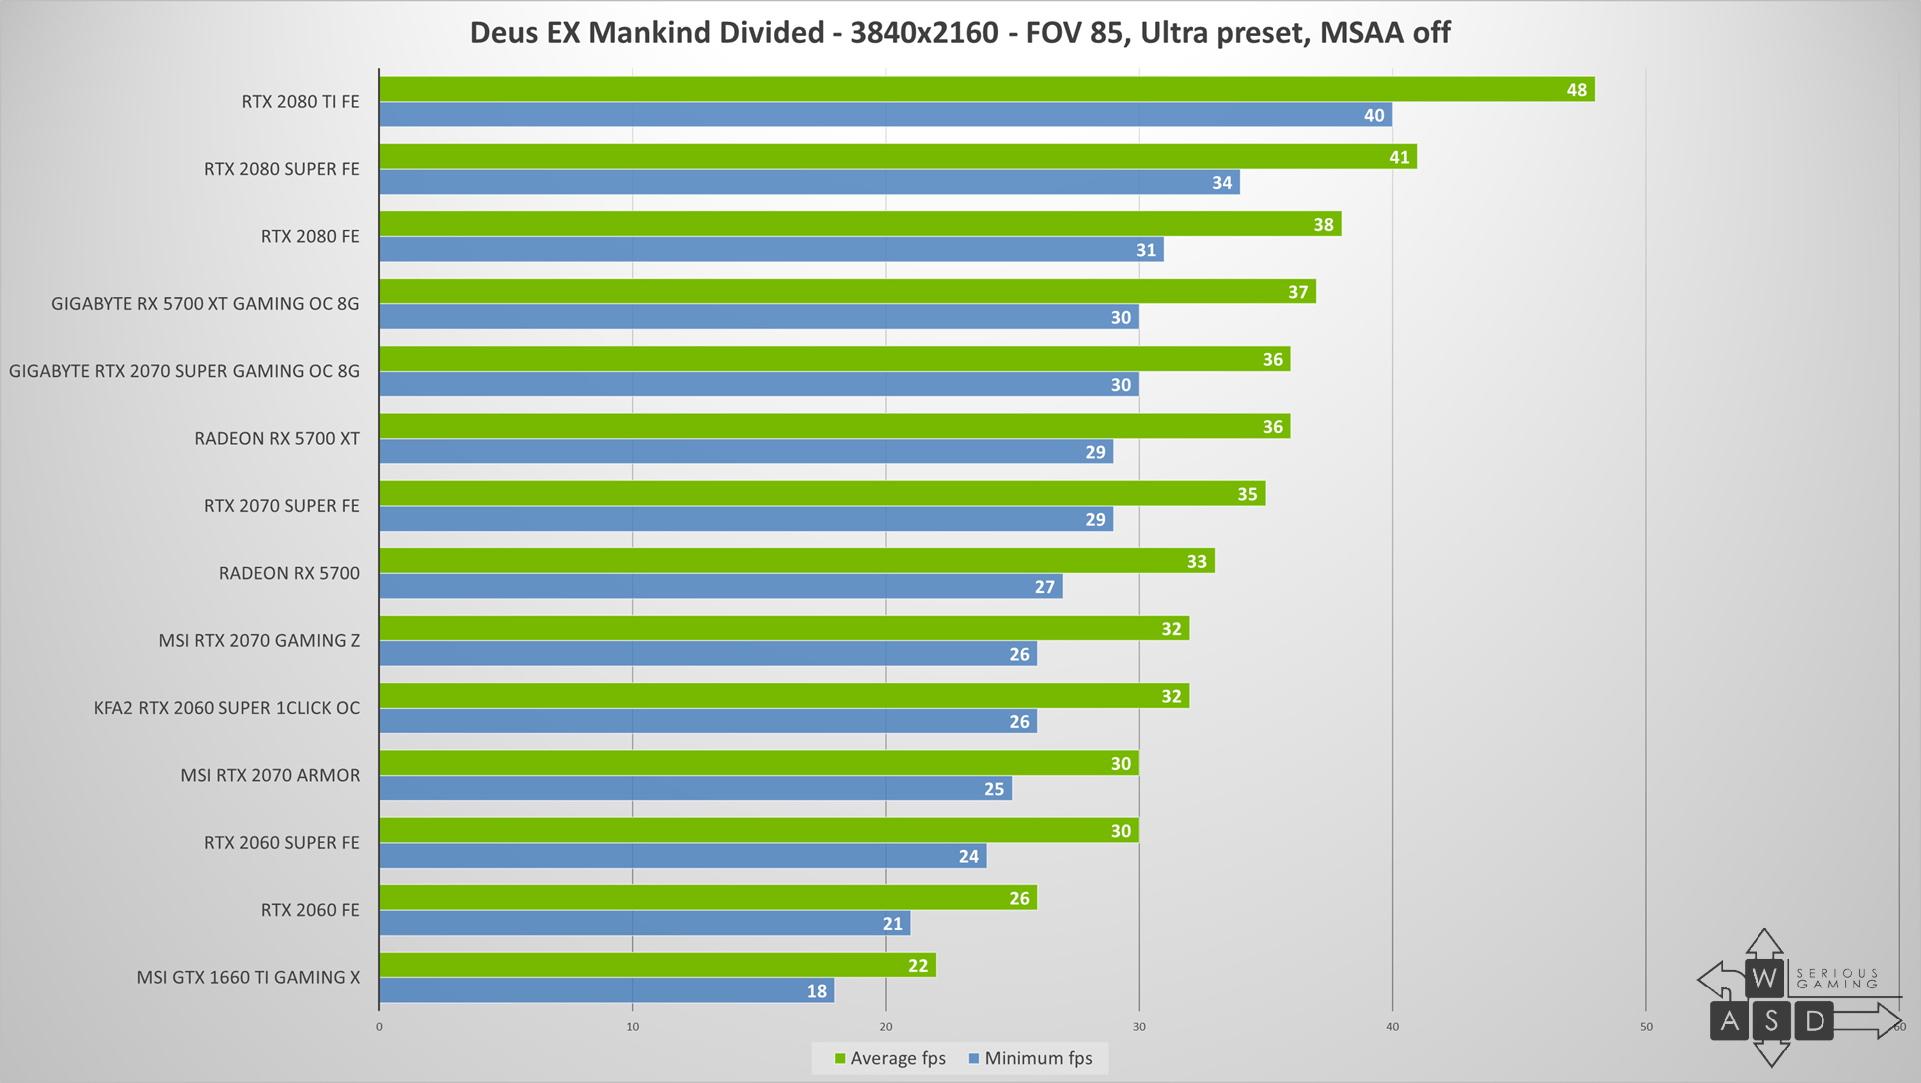 KFA2 GeForce RTX 2060 Super 1-Click OC review | WASD